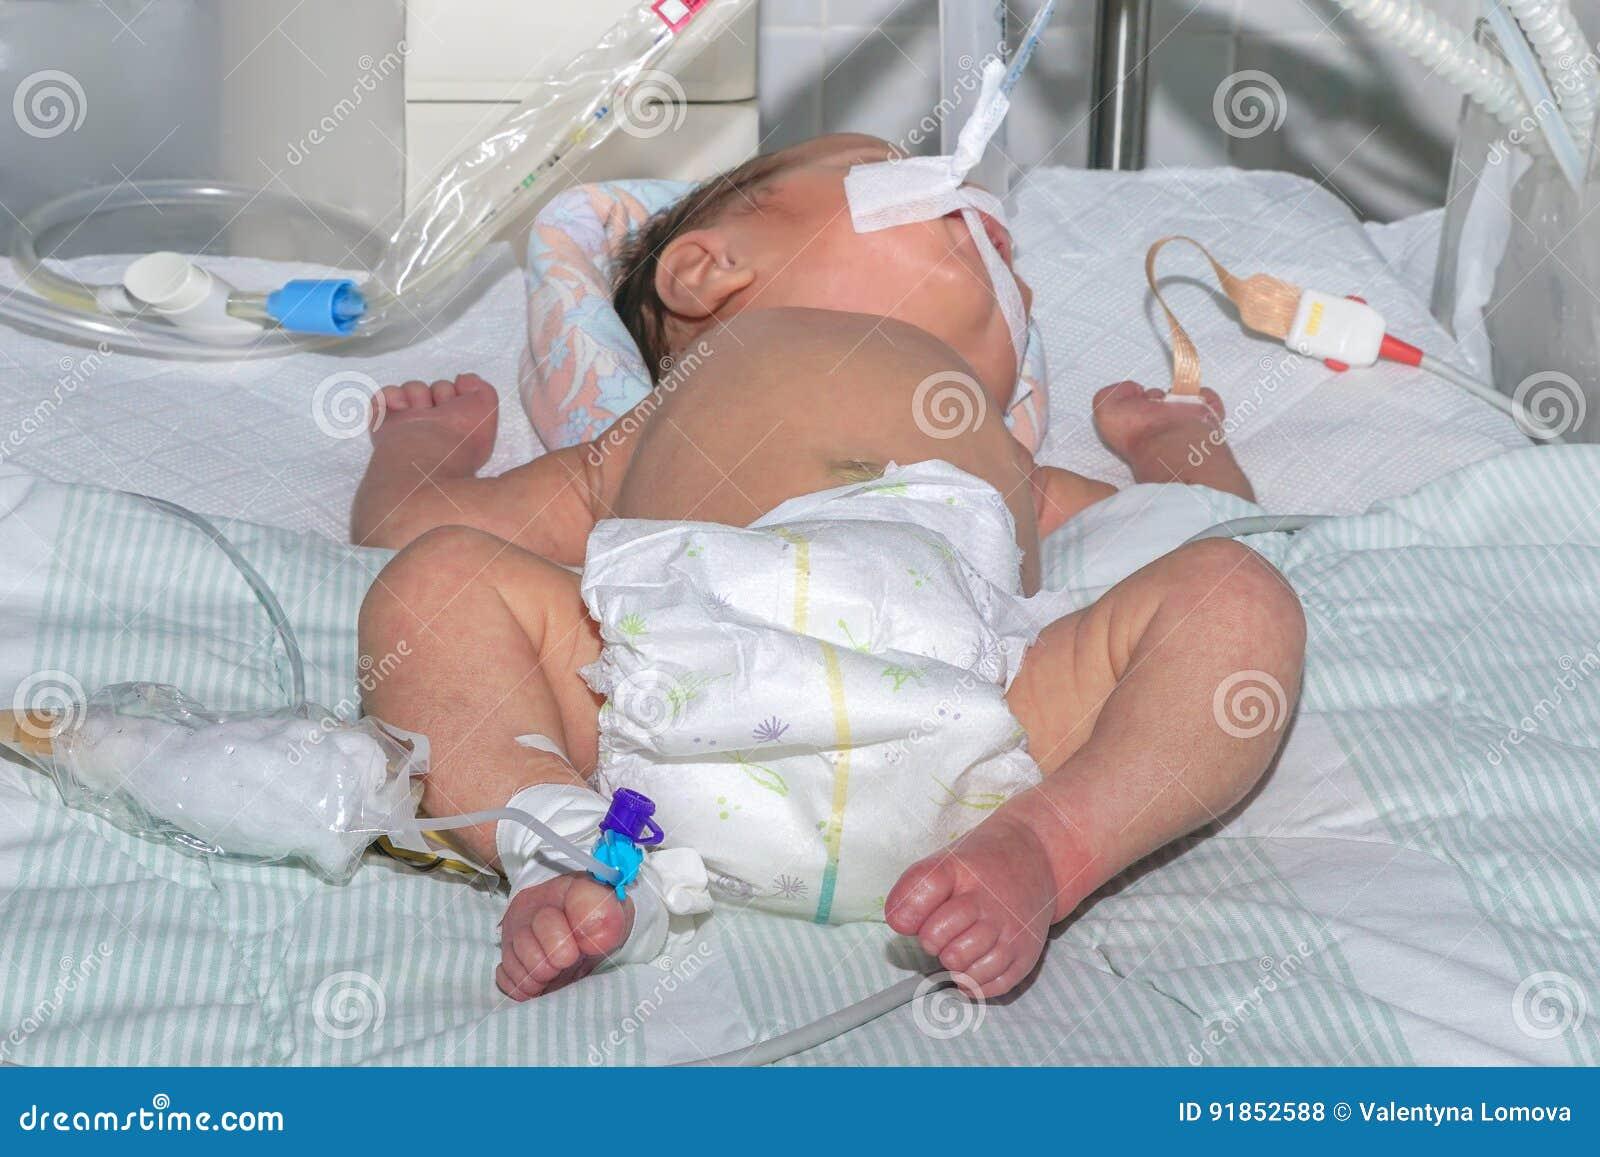 Pasgeboren baby bij de ademhaling van machine met de sensor van impulsoximeter en perifere intraveneuze catheter bij het kinderen